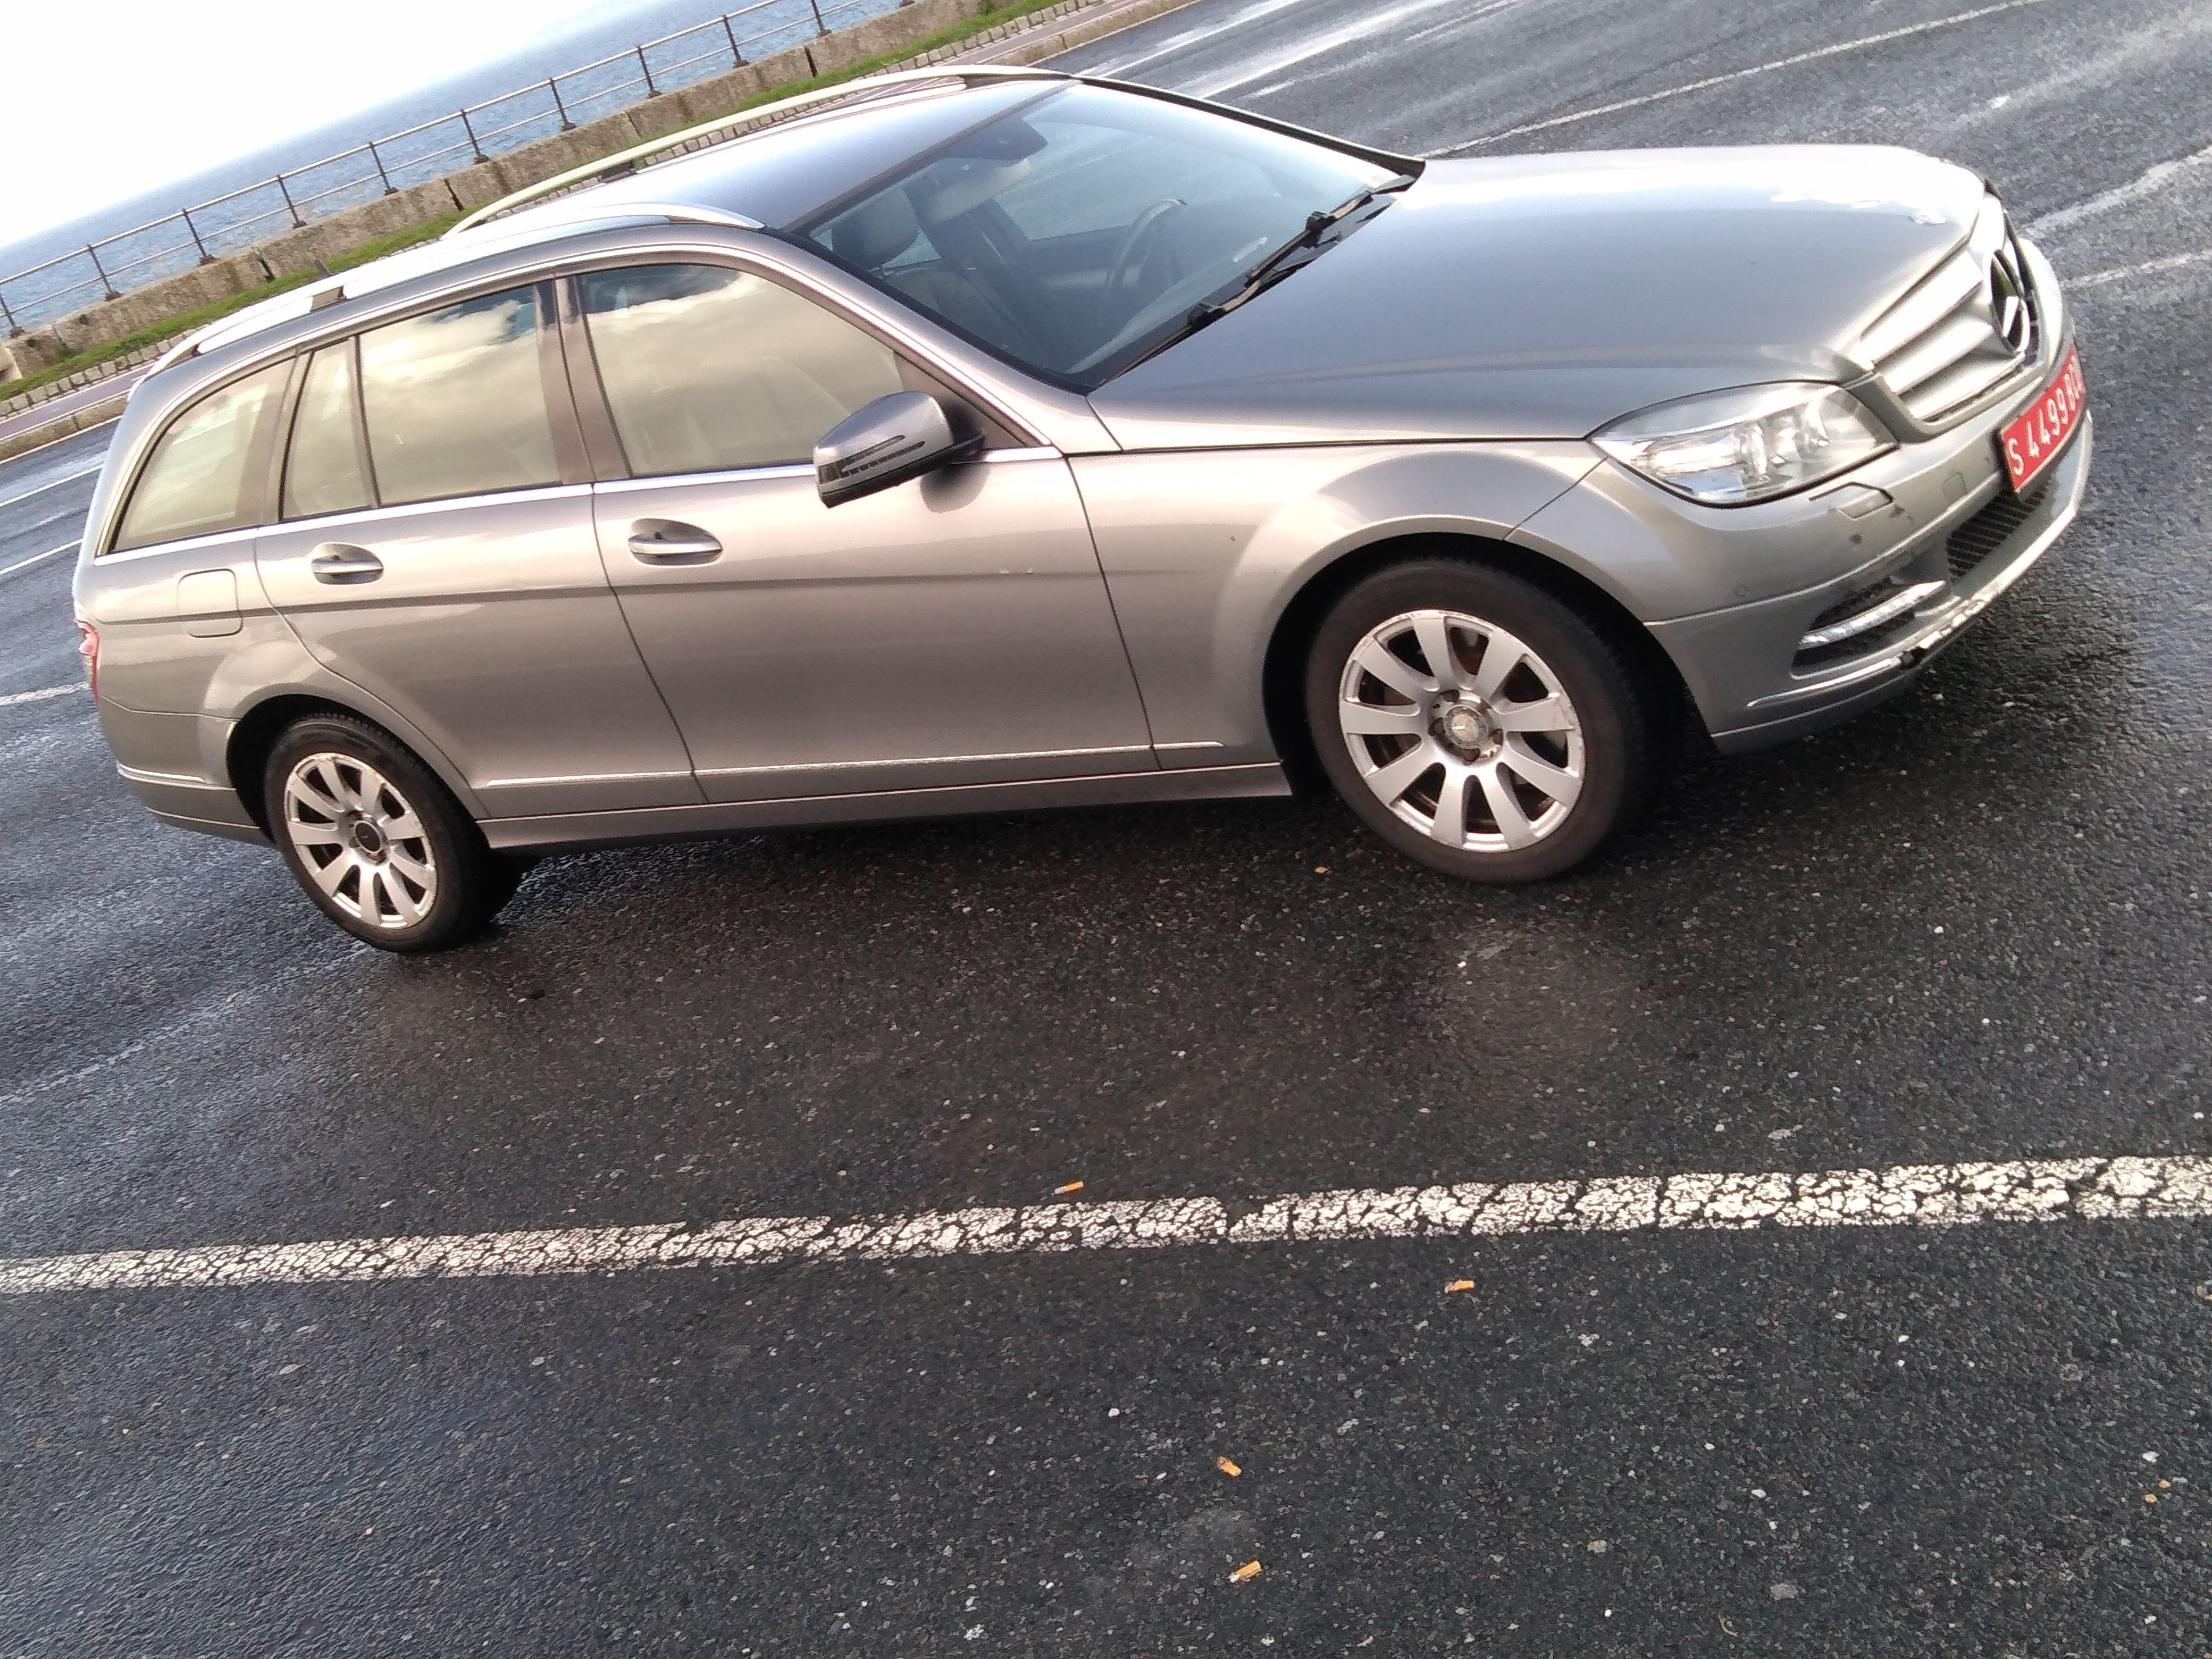 Mercedes C220 CDI Estate 170CV 2011 420.000 km Deutsch